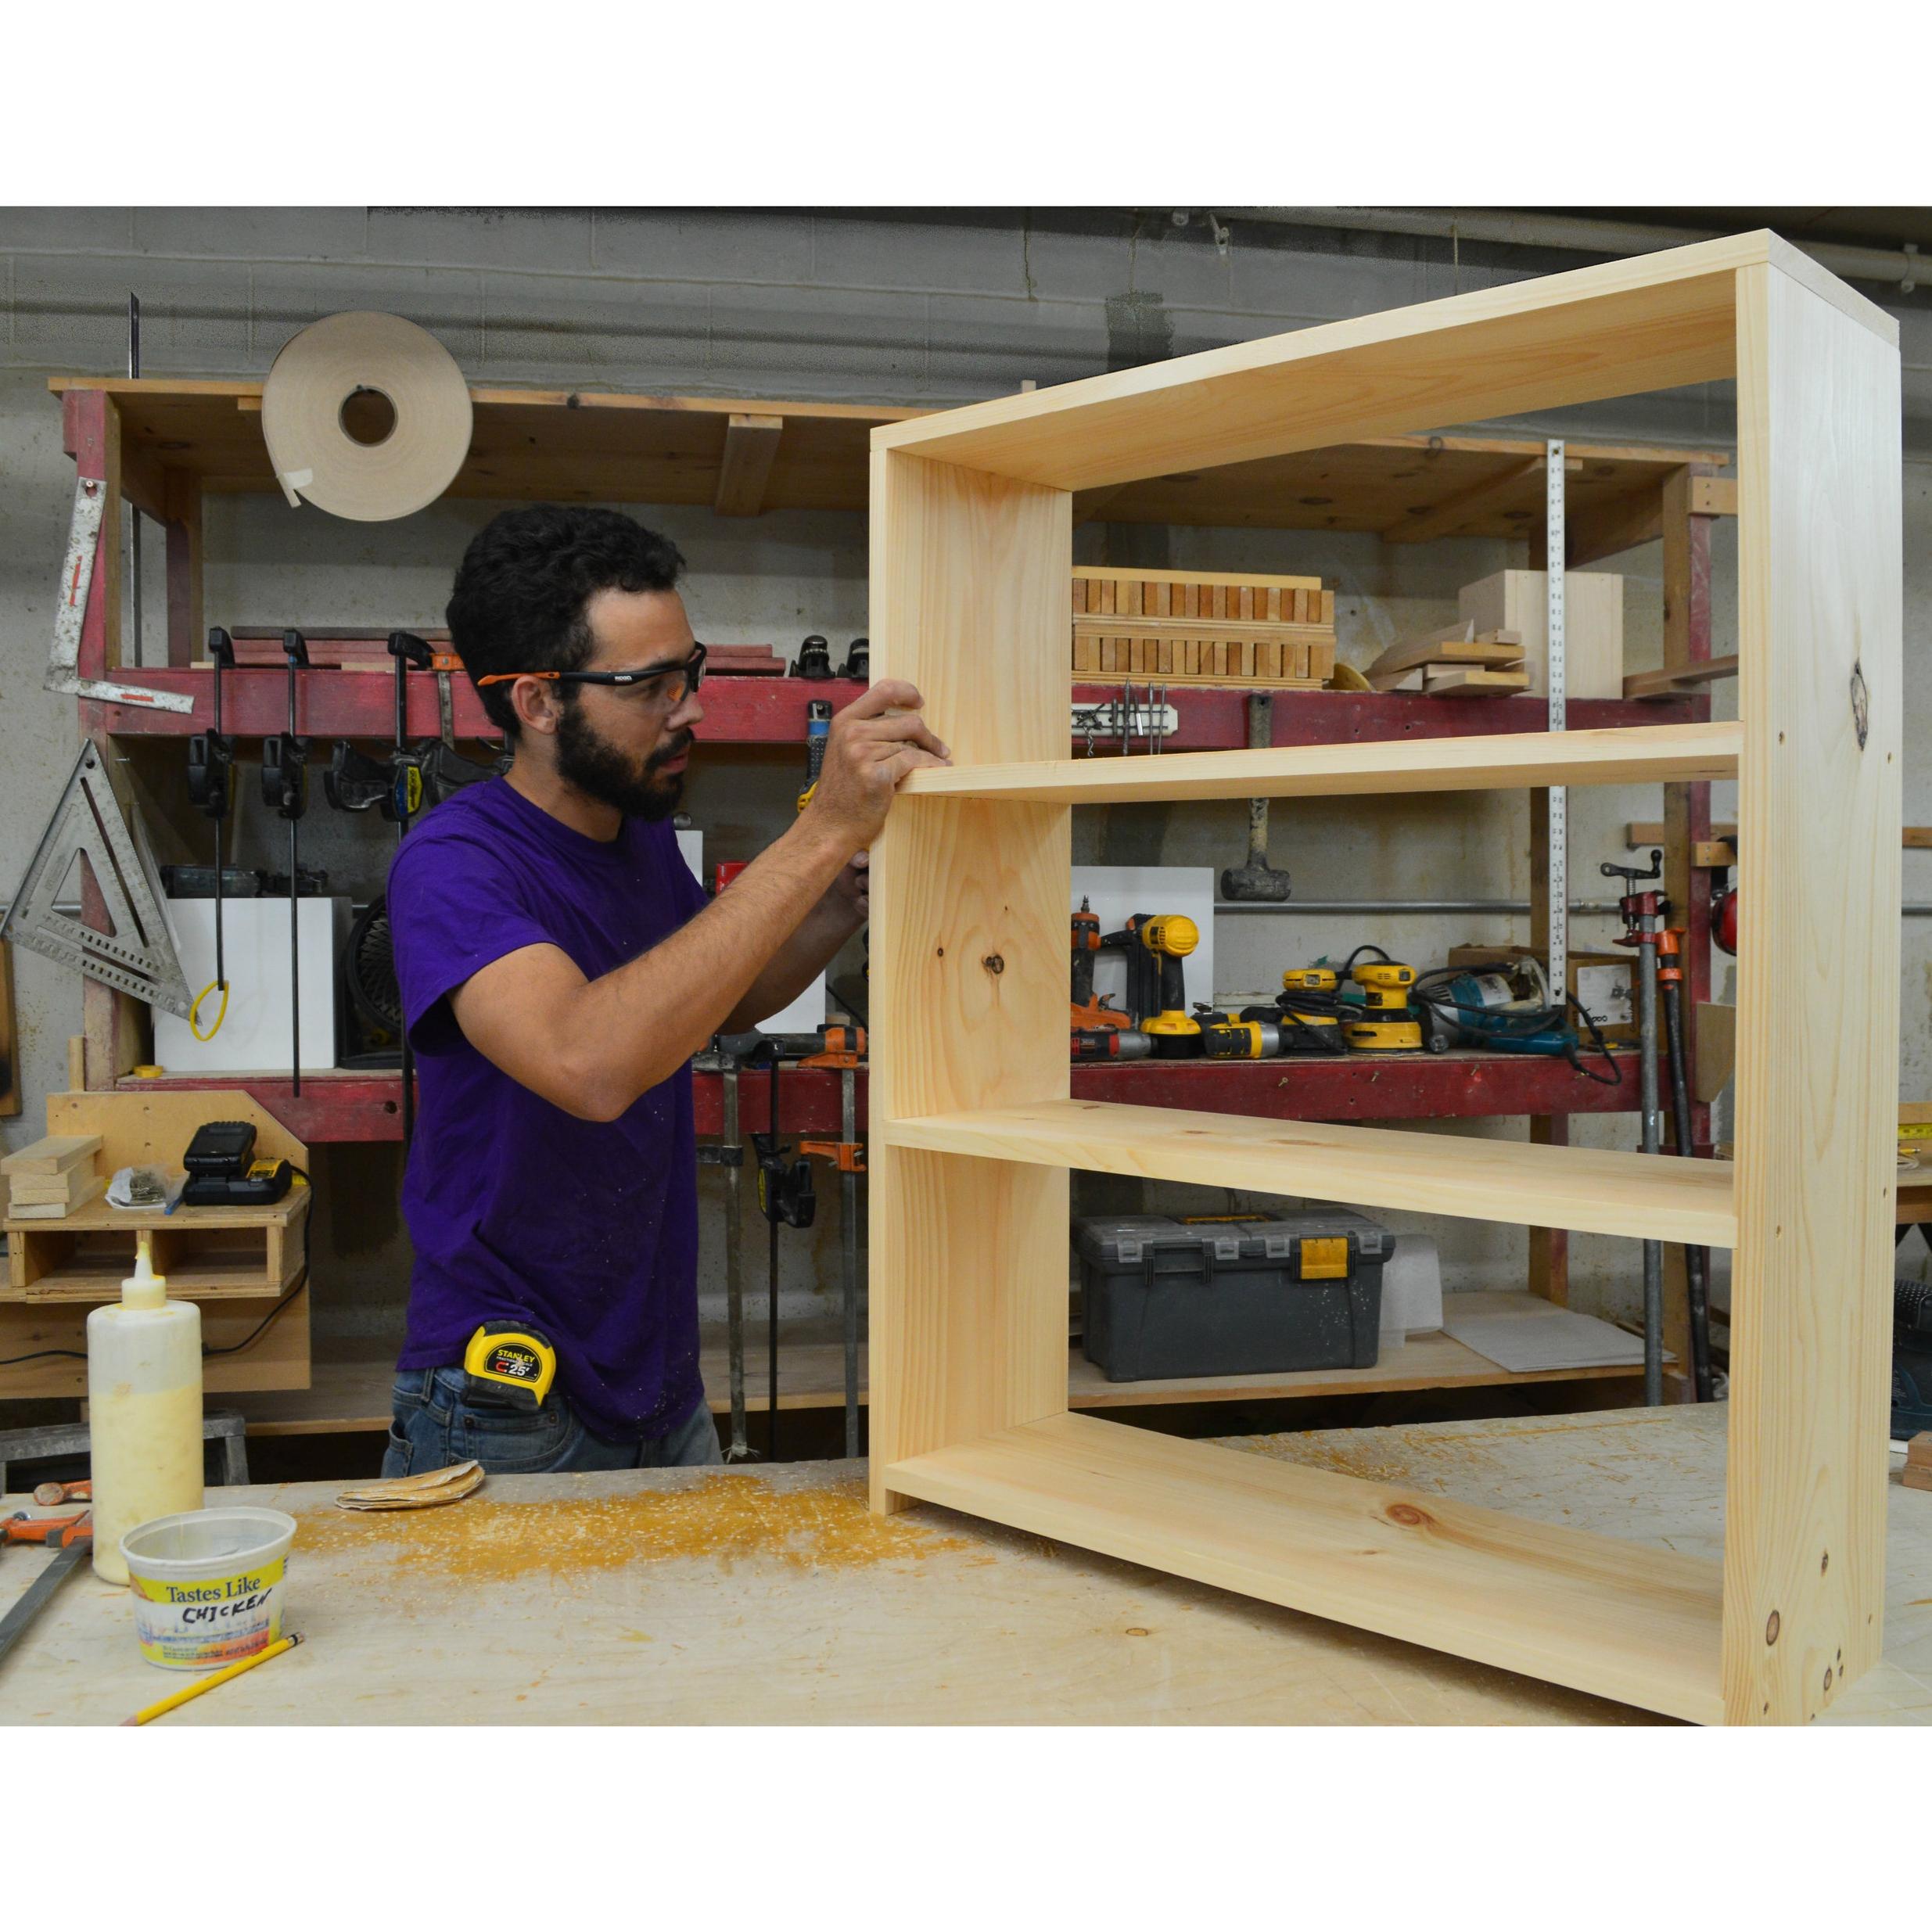 Homepage Image of Builder.jpg